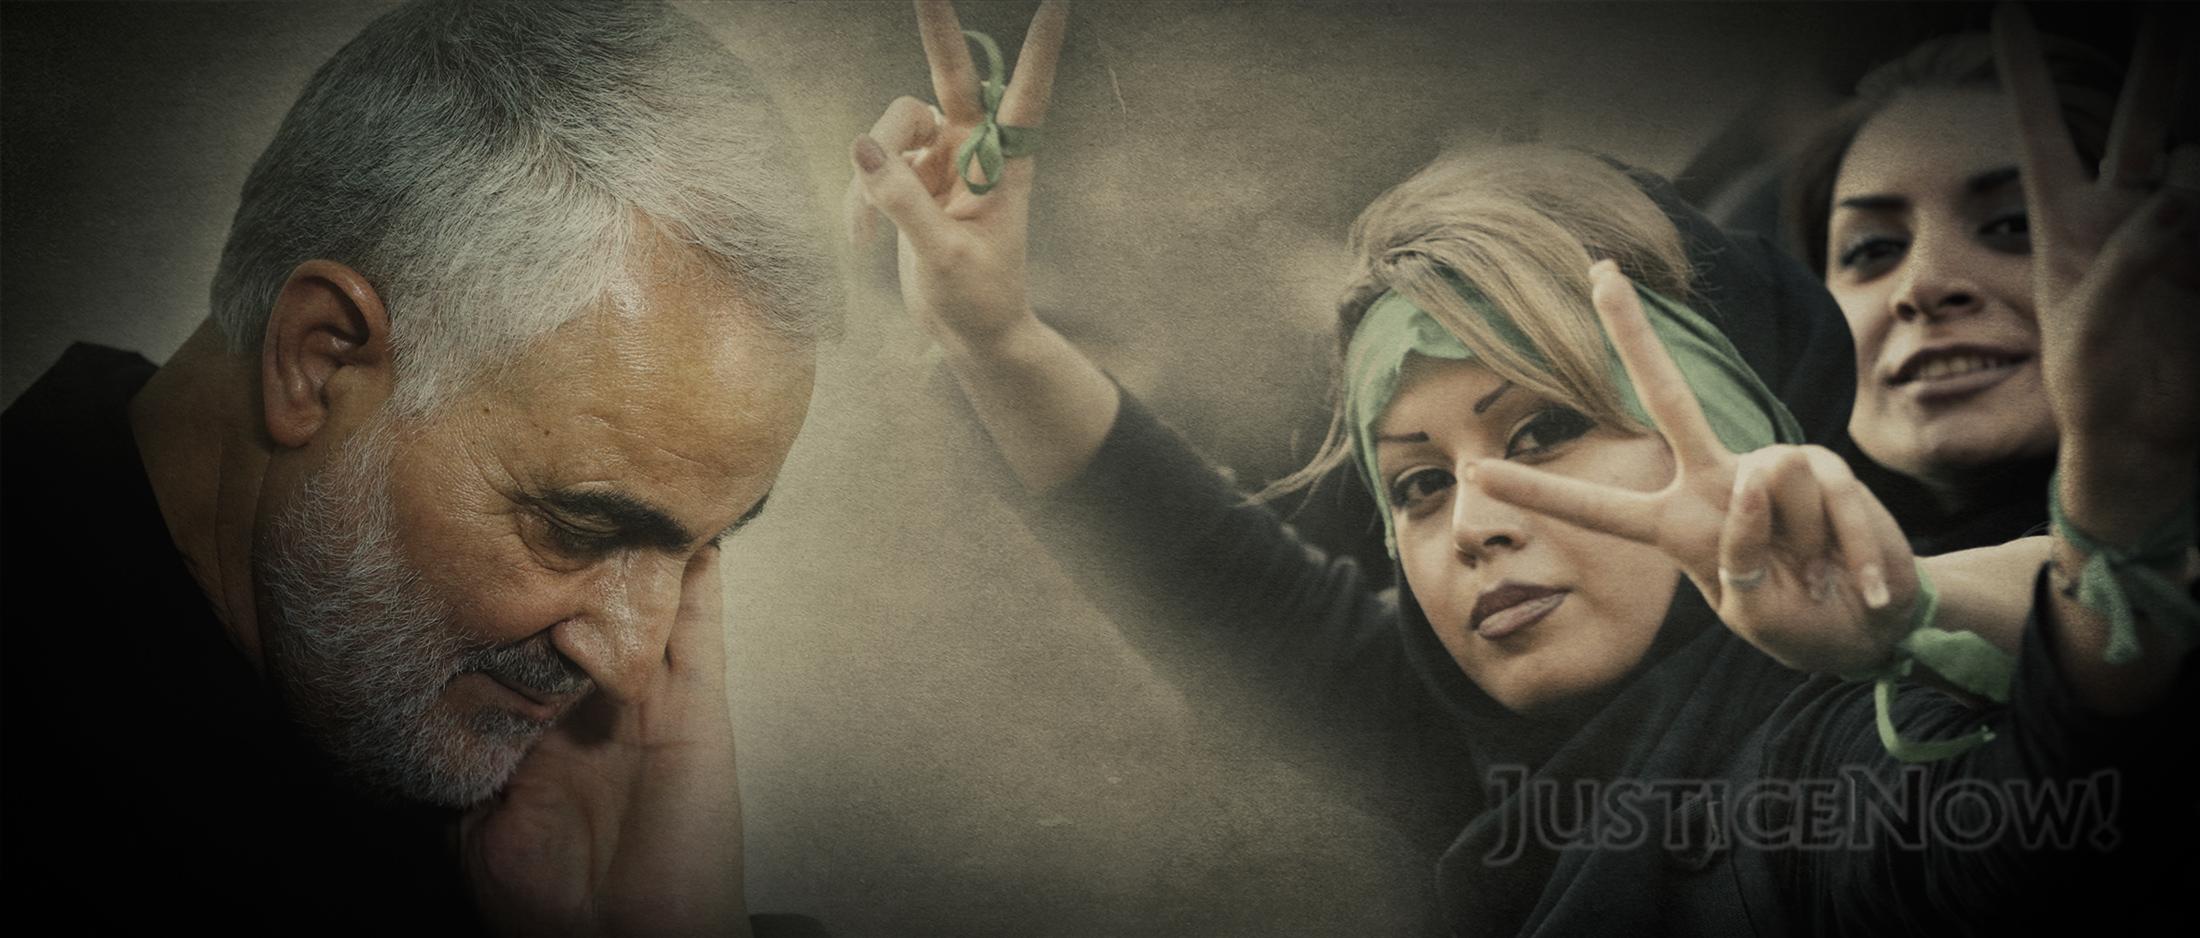 Kriegsgefahr und Lebenslügen <br>  <span id='sec-title'>Der Mord an Soleimani und die Heuchelei der globalen Linken</span>